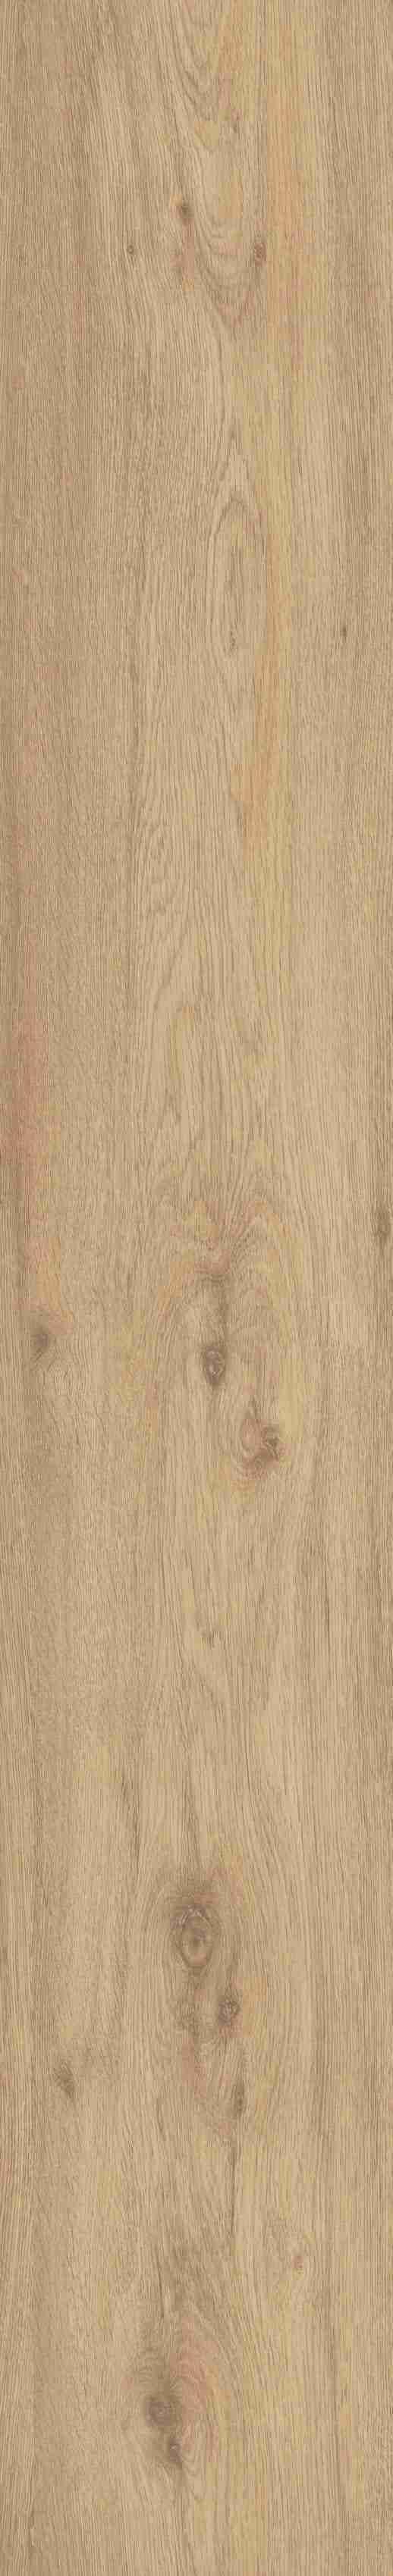 Helmond oak 2